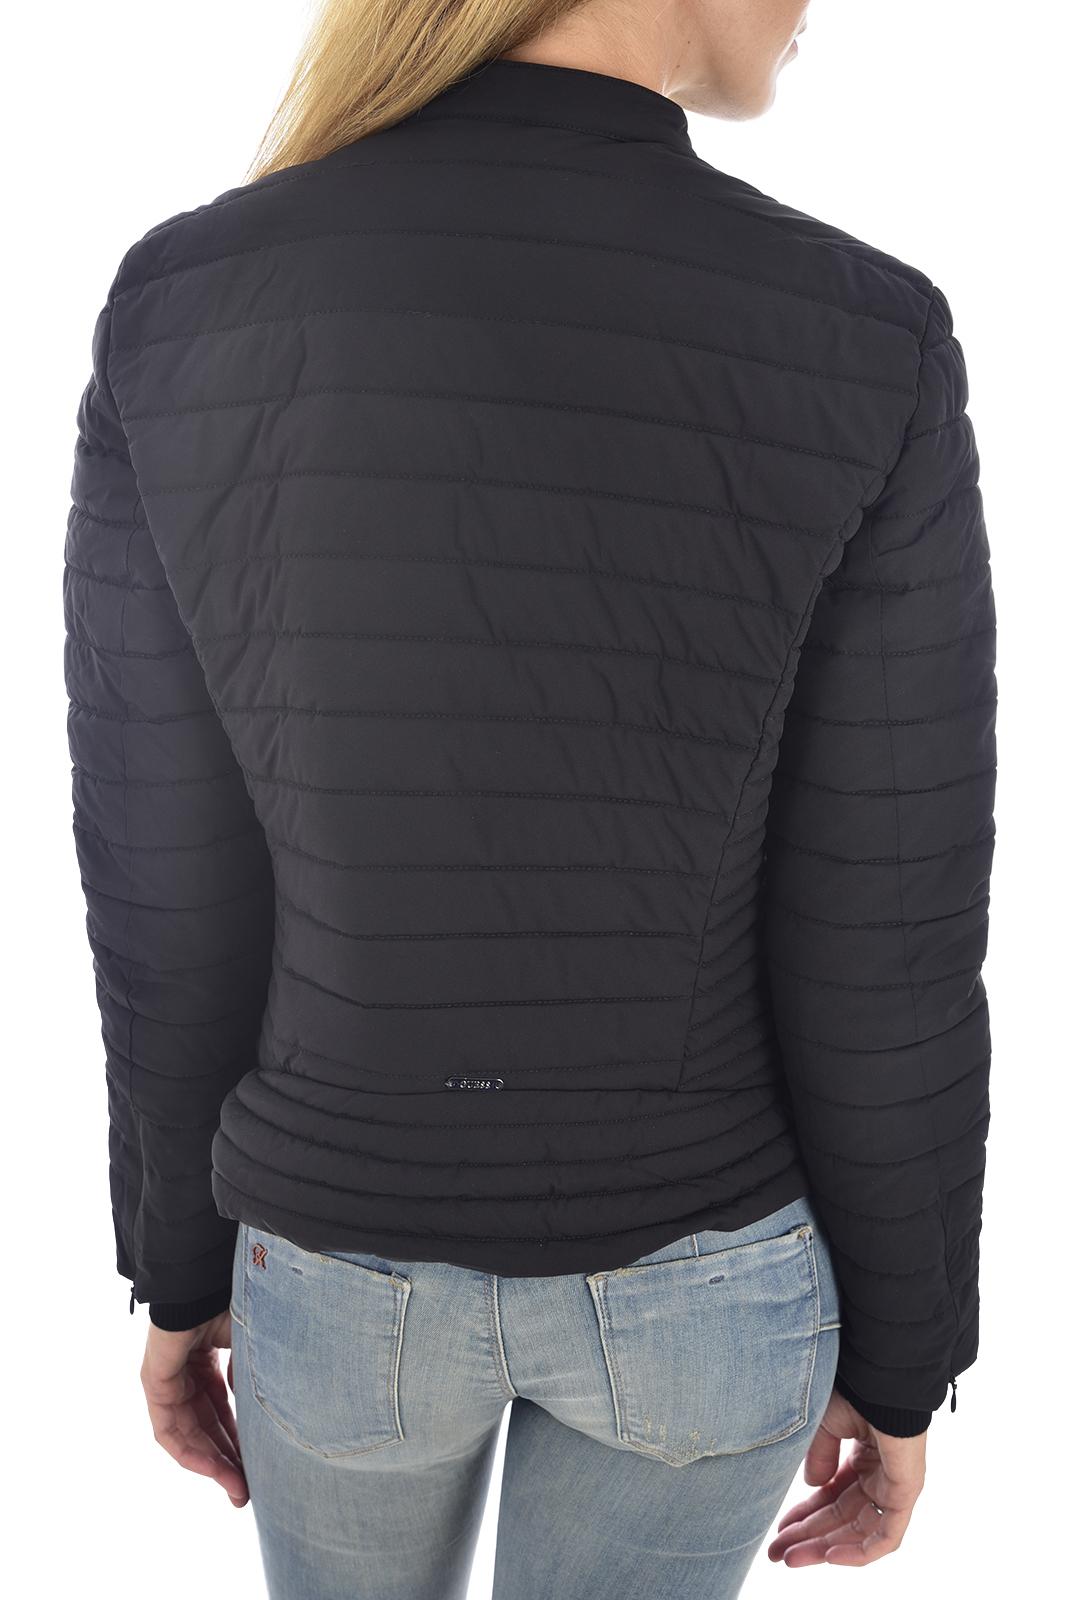 Blouson / doudoune  Guess jeans W94L0S W6NW0 Jet Black A996